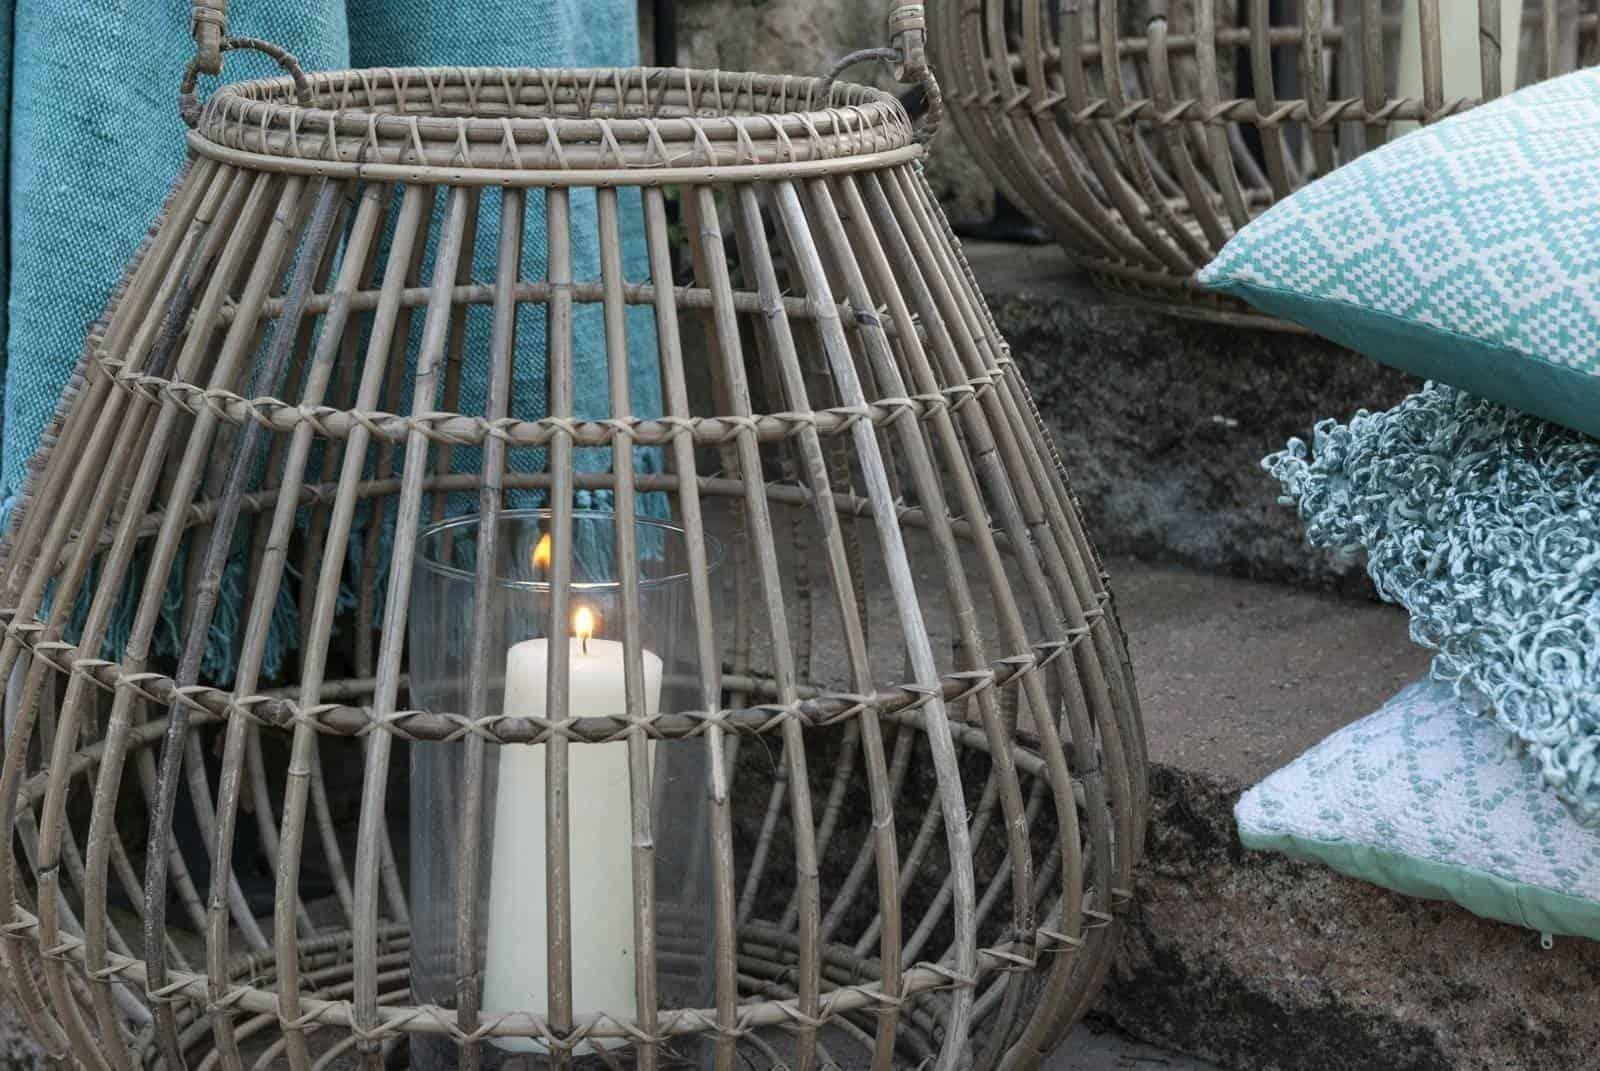 lampy w ogrodzie: CAEN